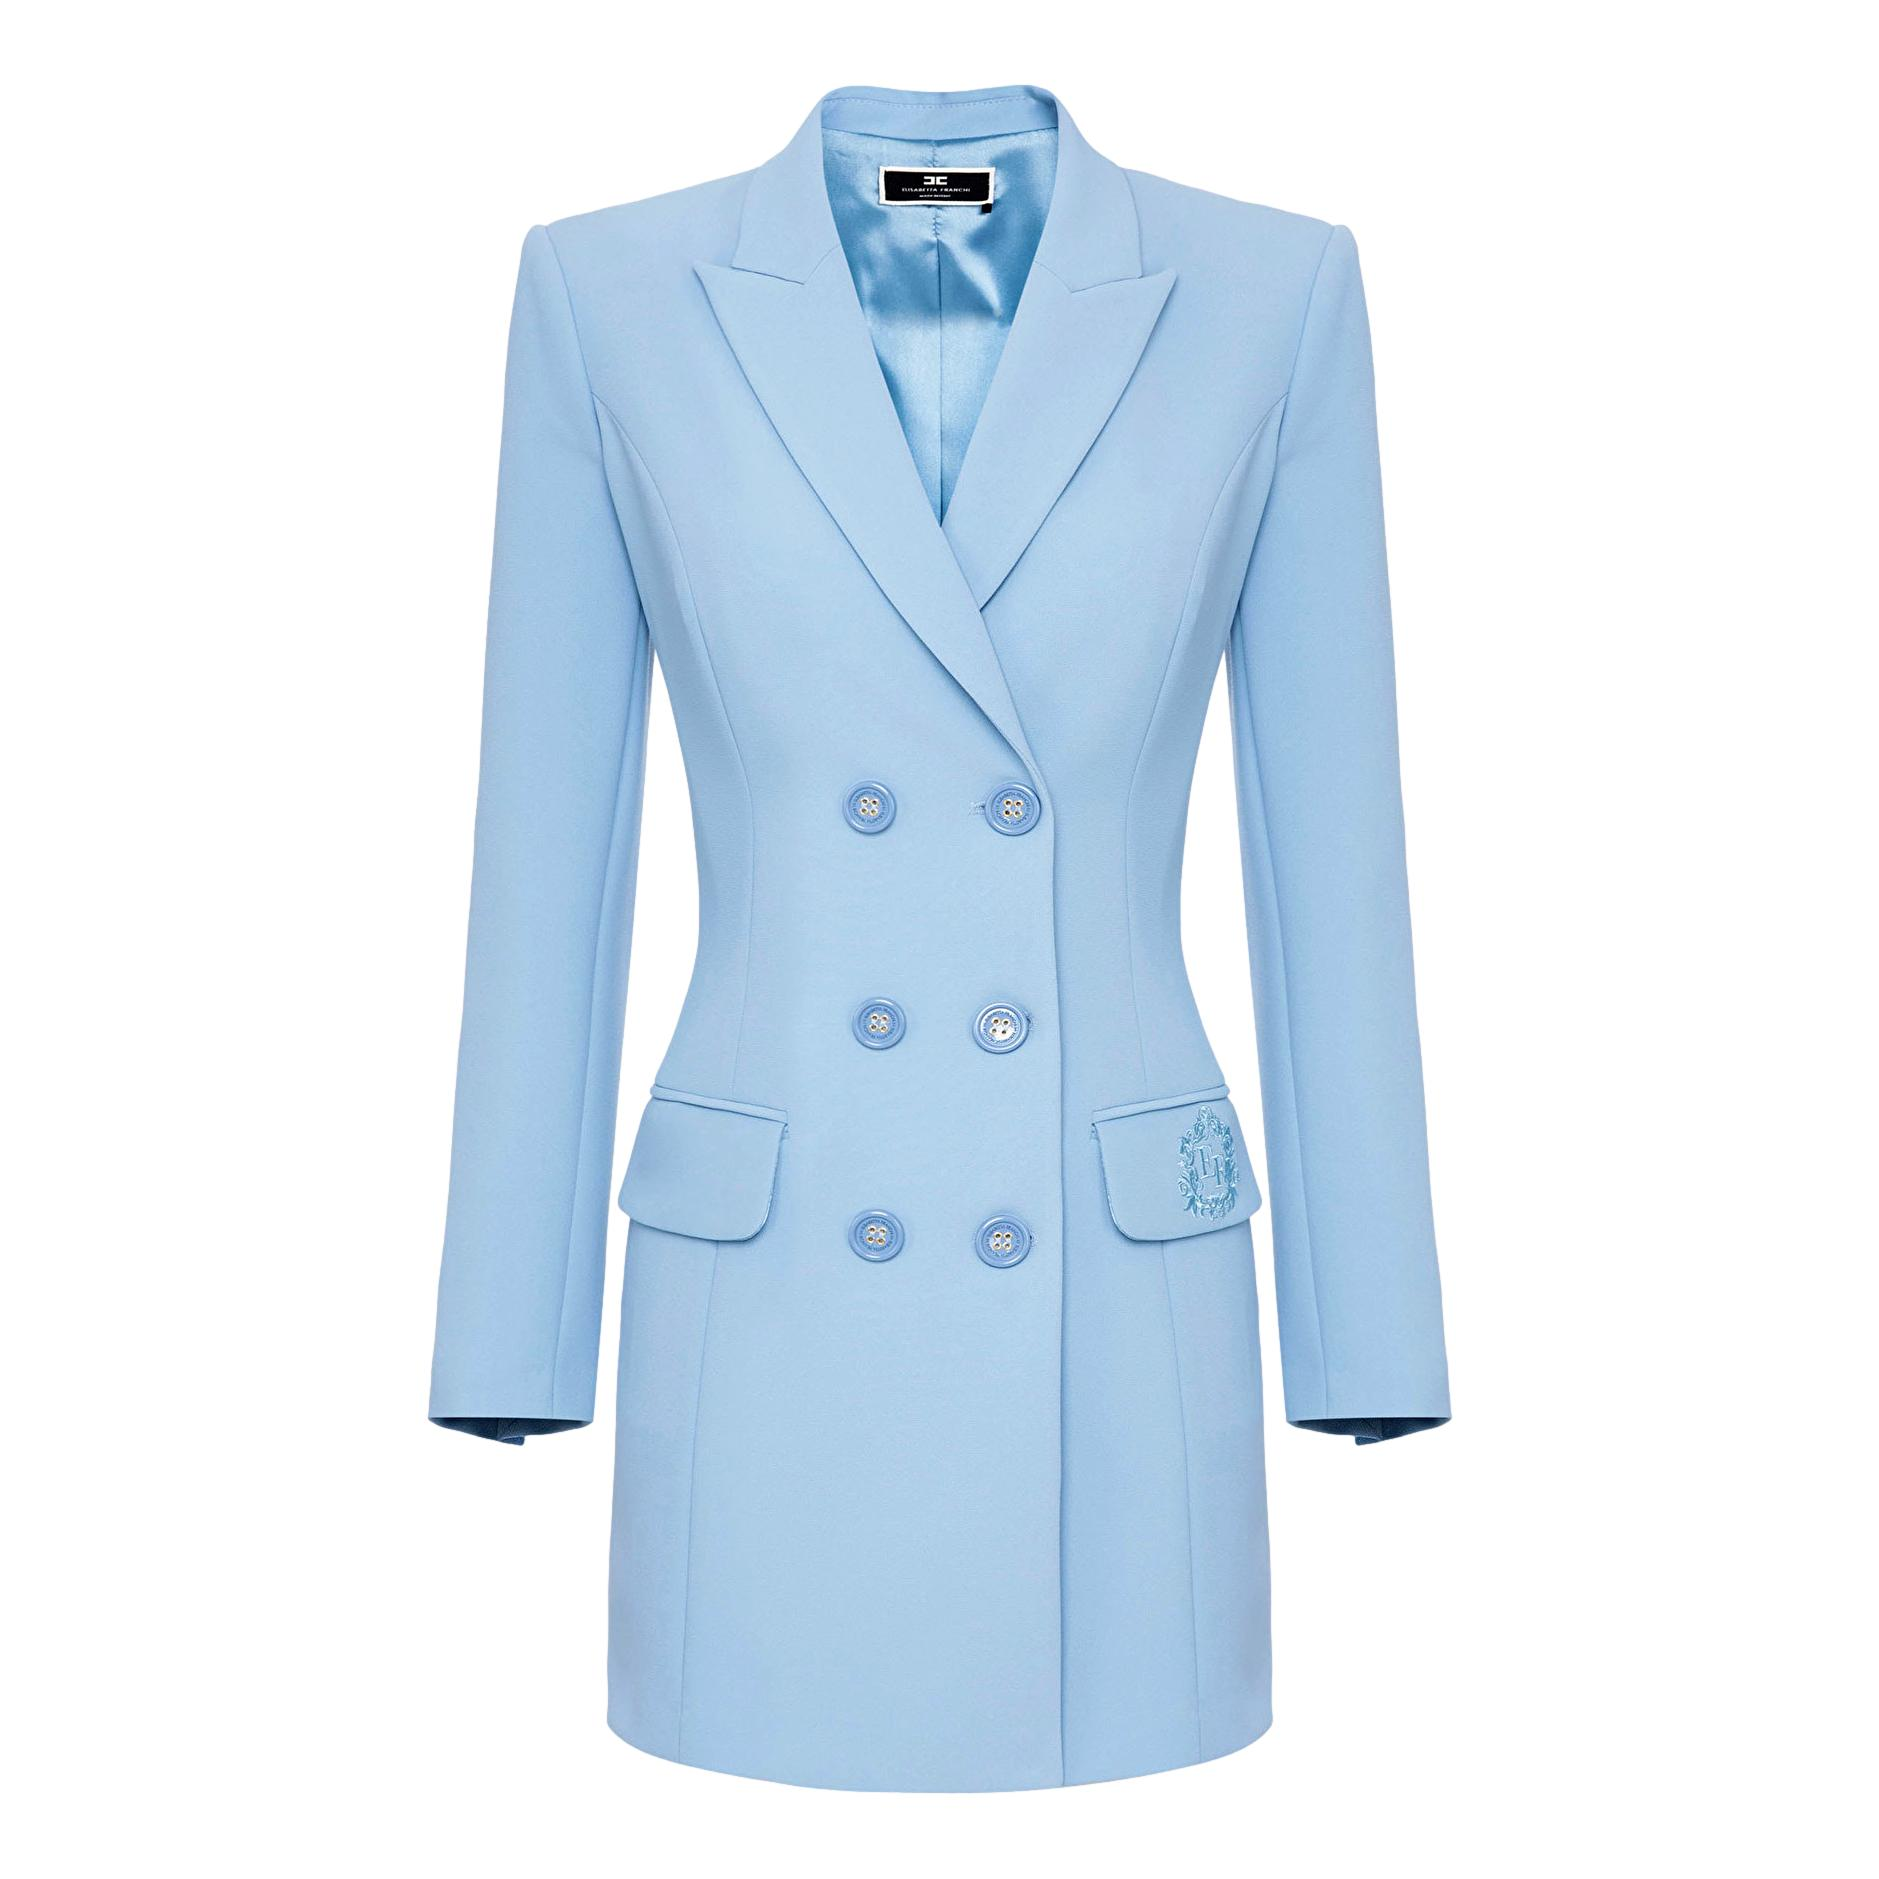 Abito Robe manteau con stemma ricamato EF ELISABETTA FRANCHI | Abiti | AB08916E2Q80